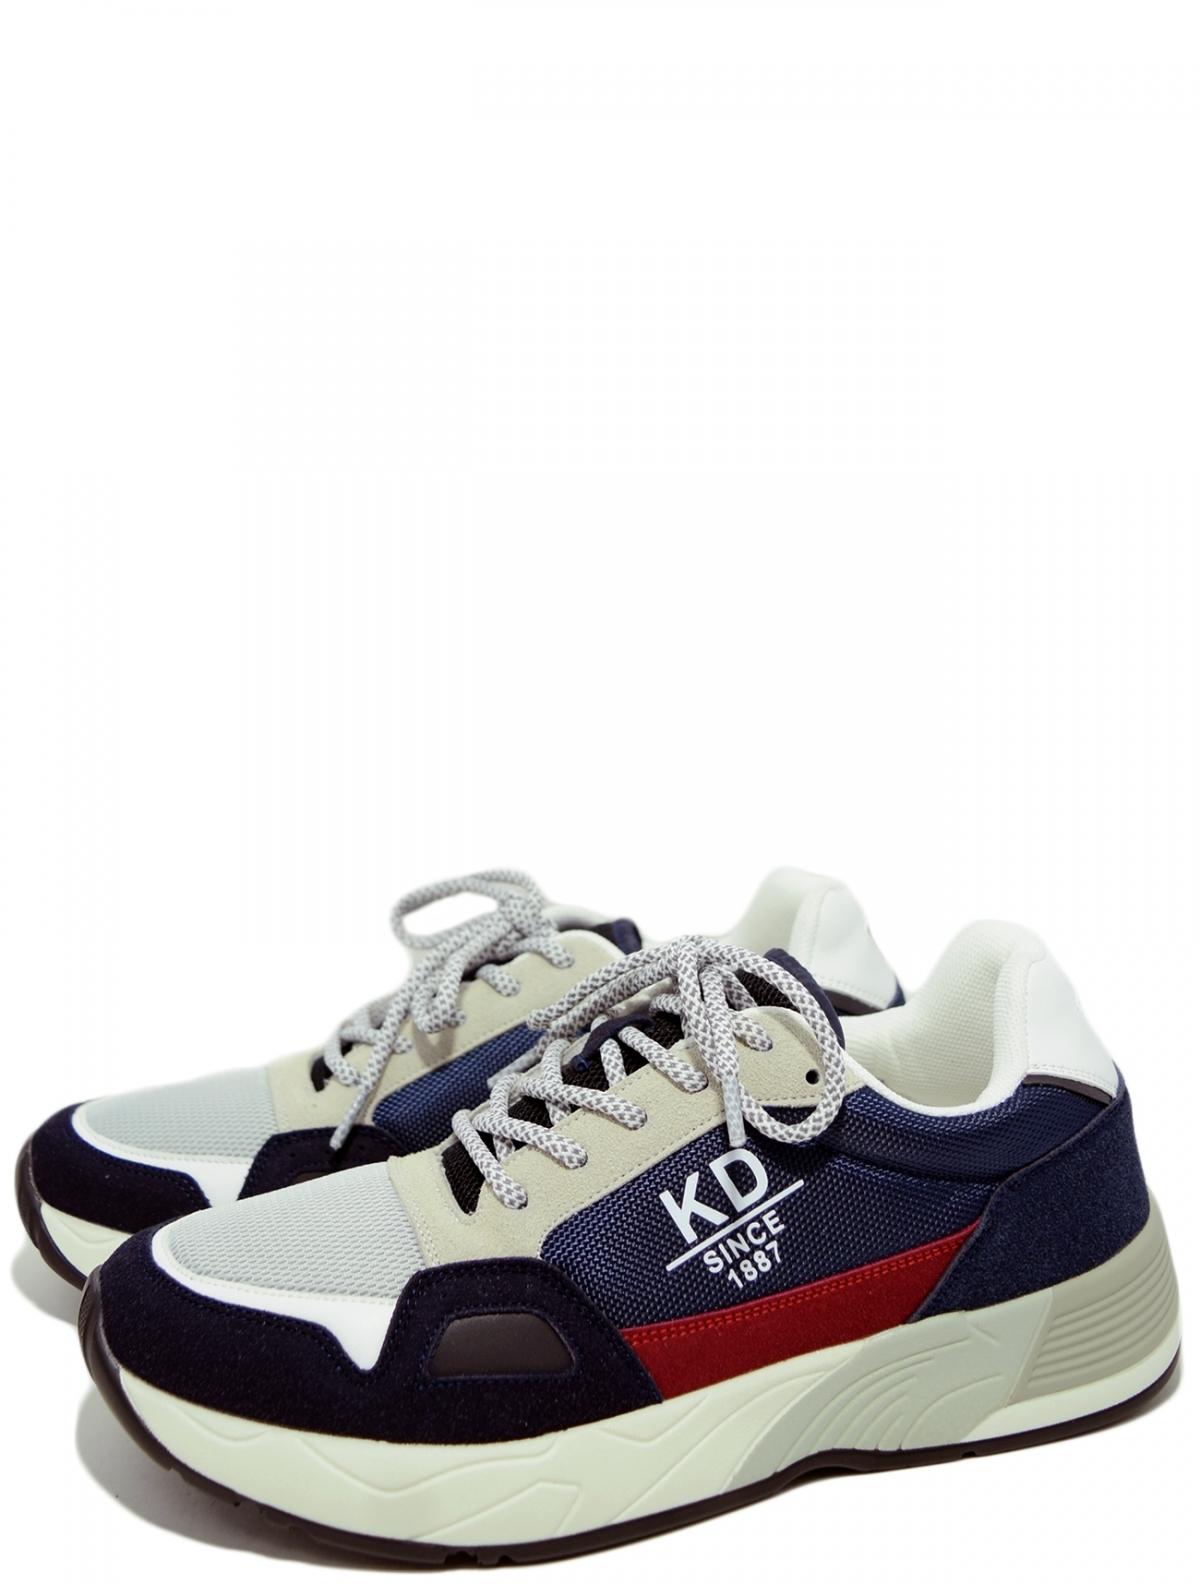 KEDDO 807362/01-01 мужские кроссовки